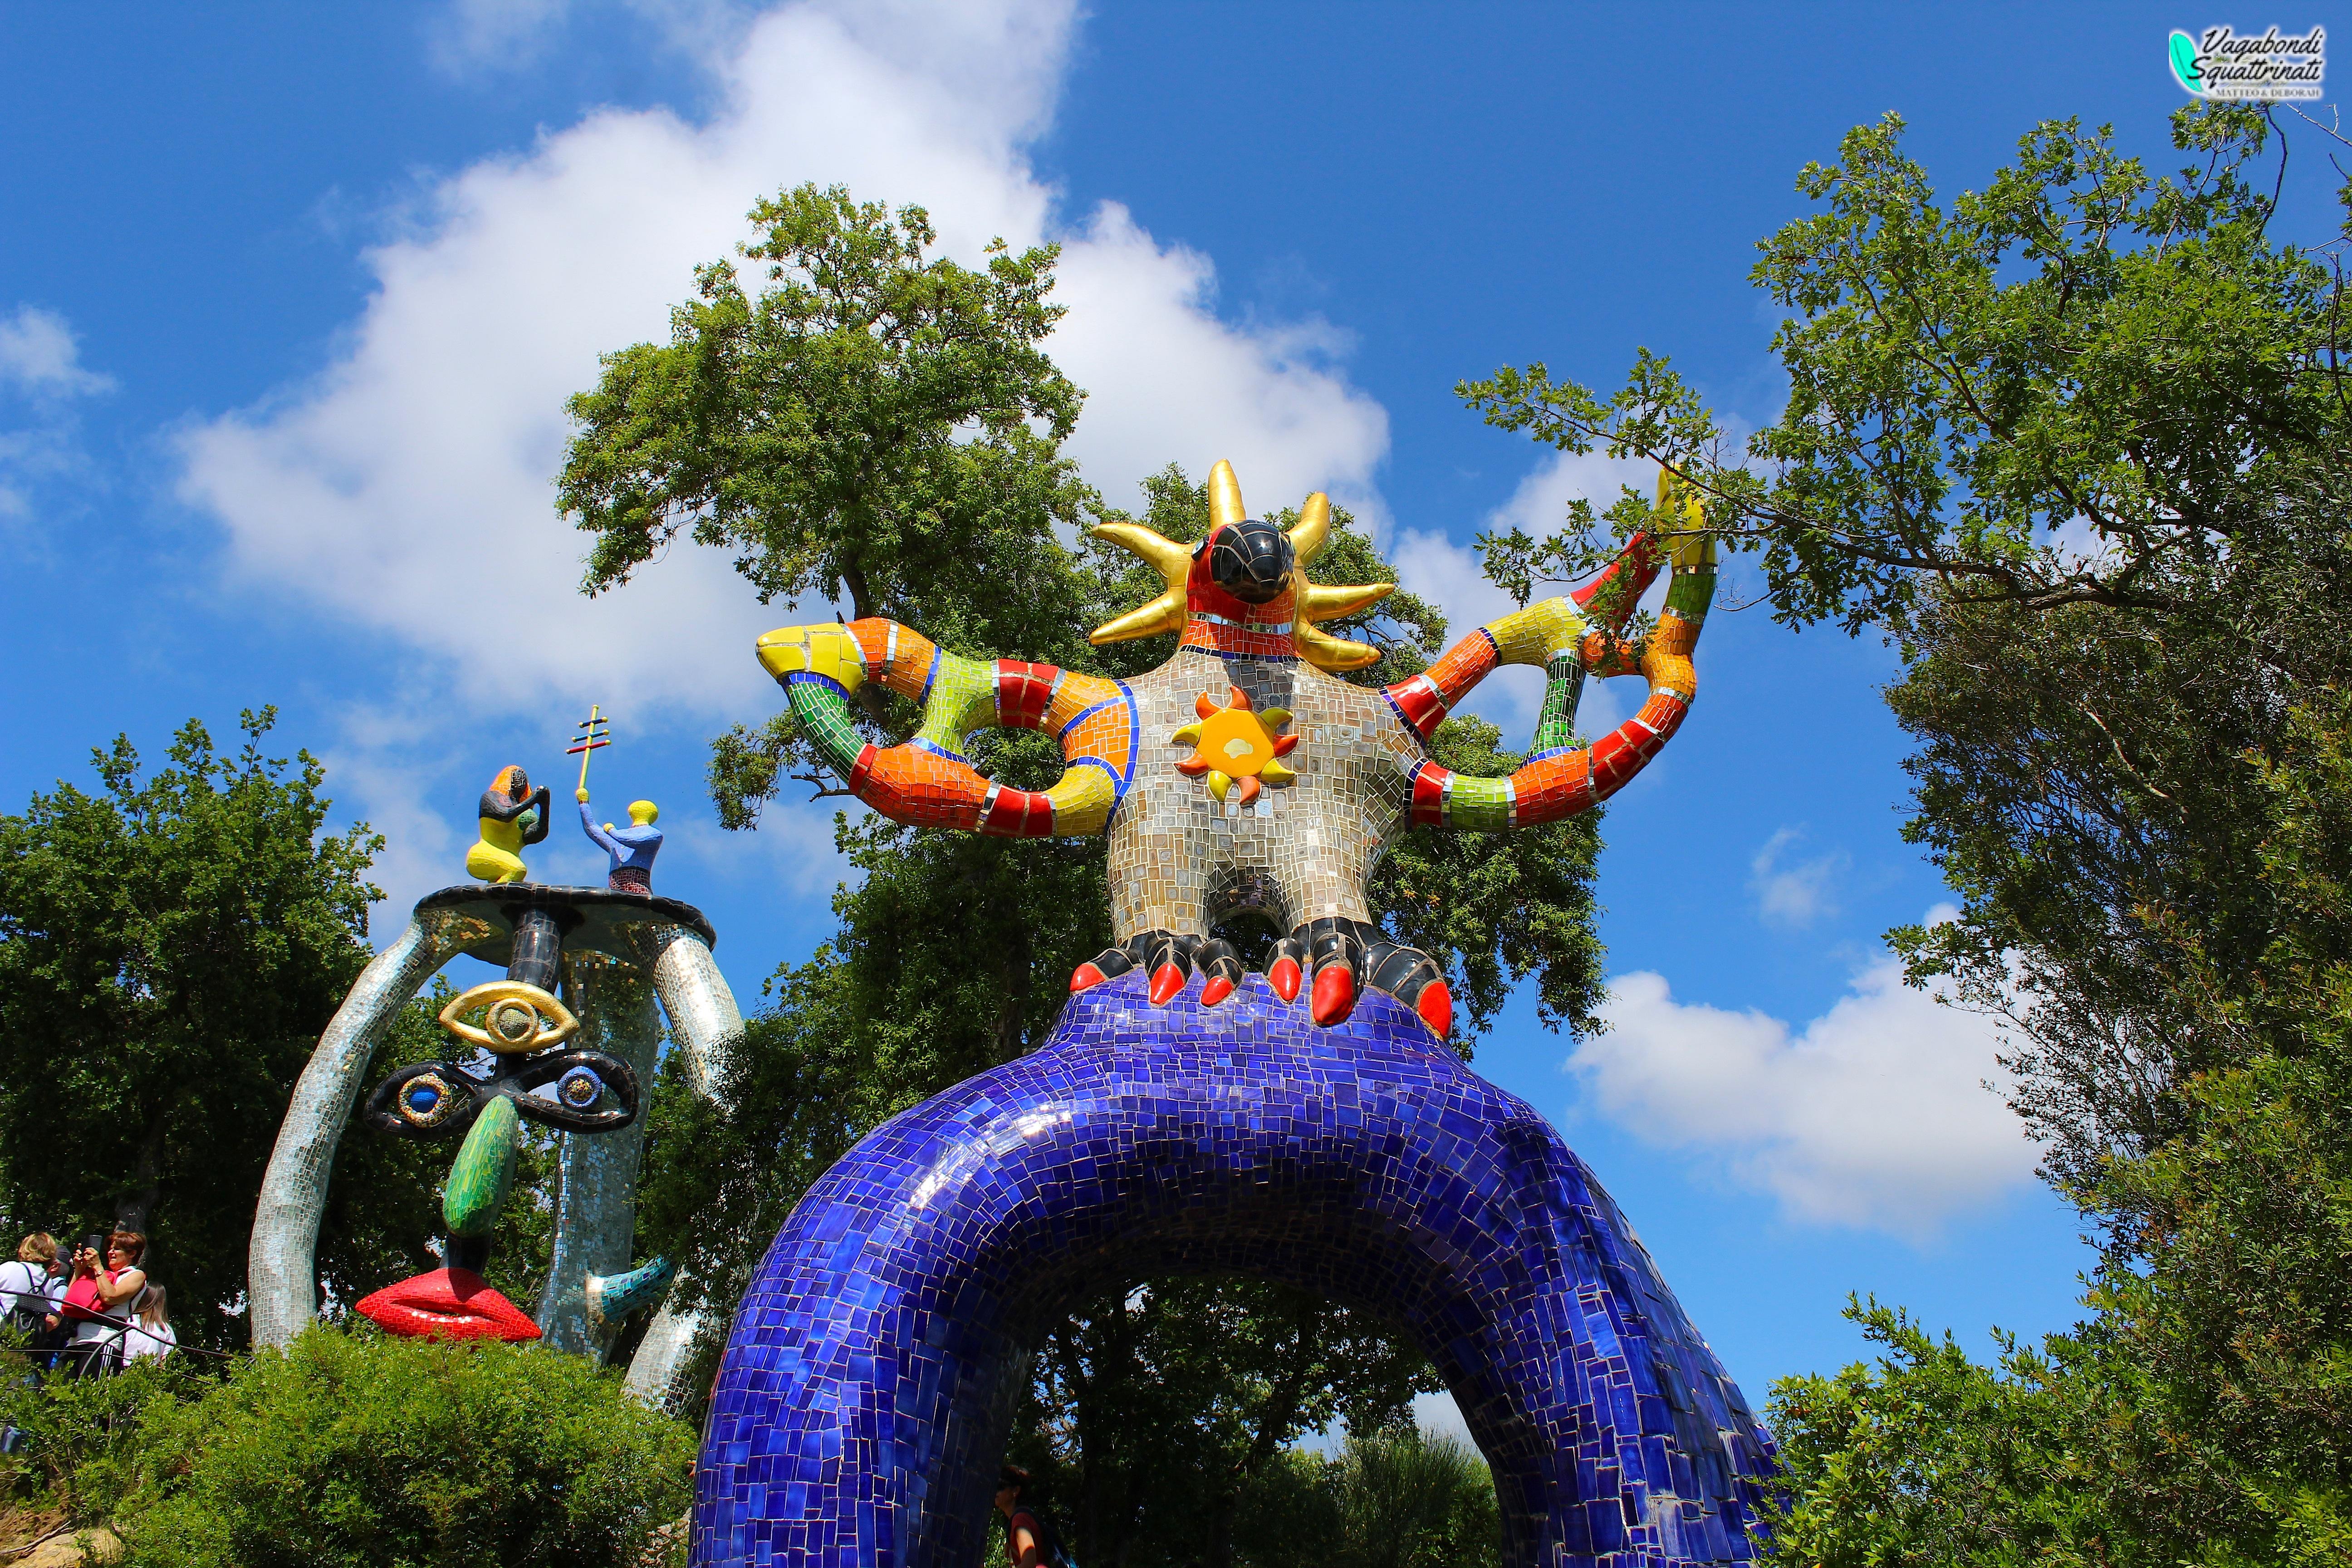 Il giardino dei tarocchi: un colorato angolo esoterico in toscana